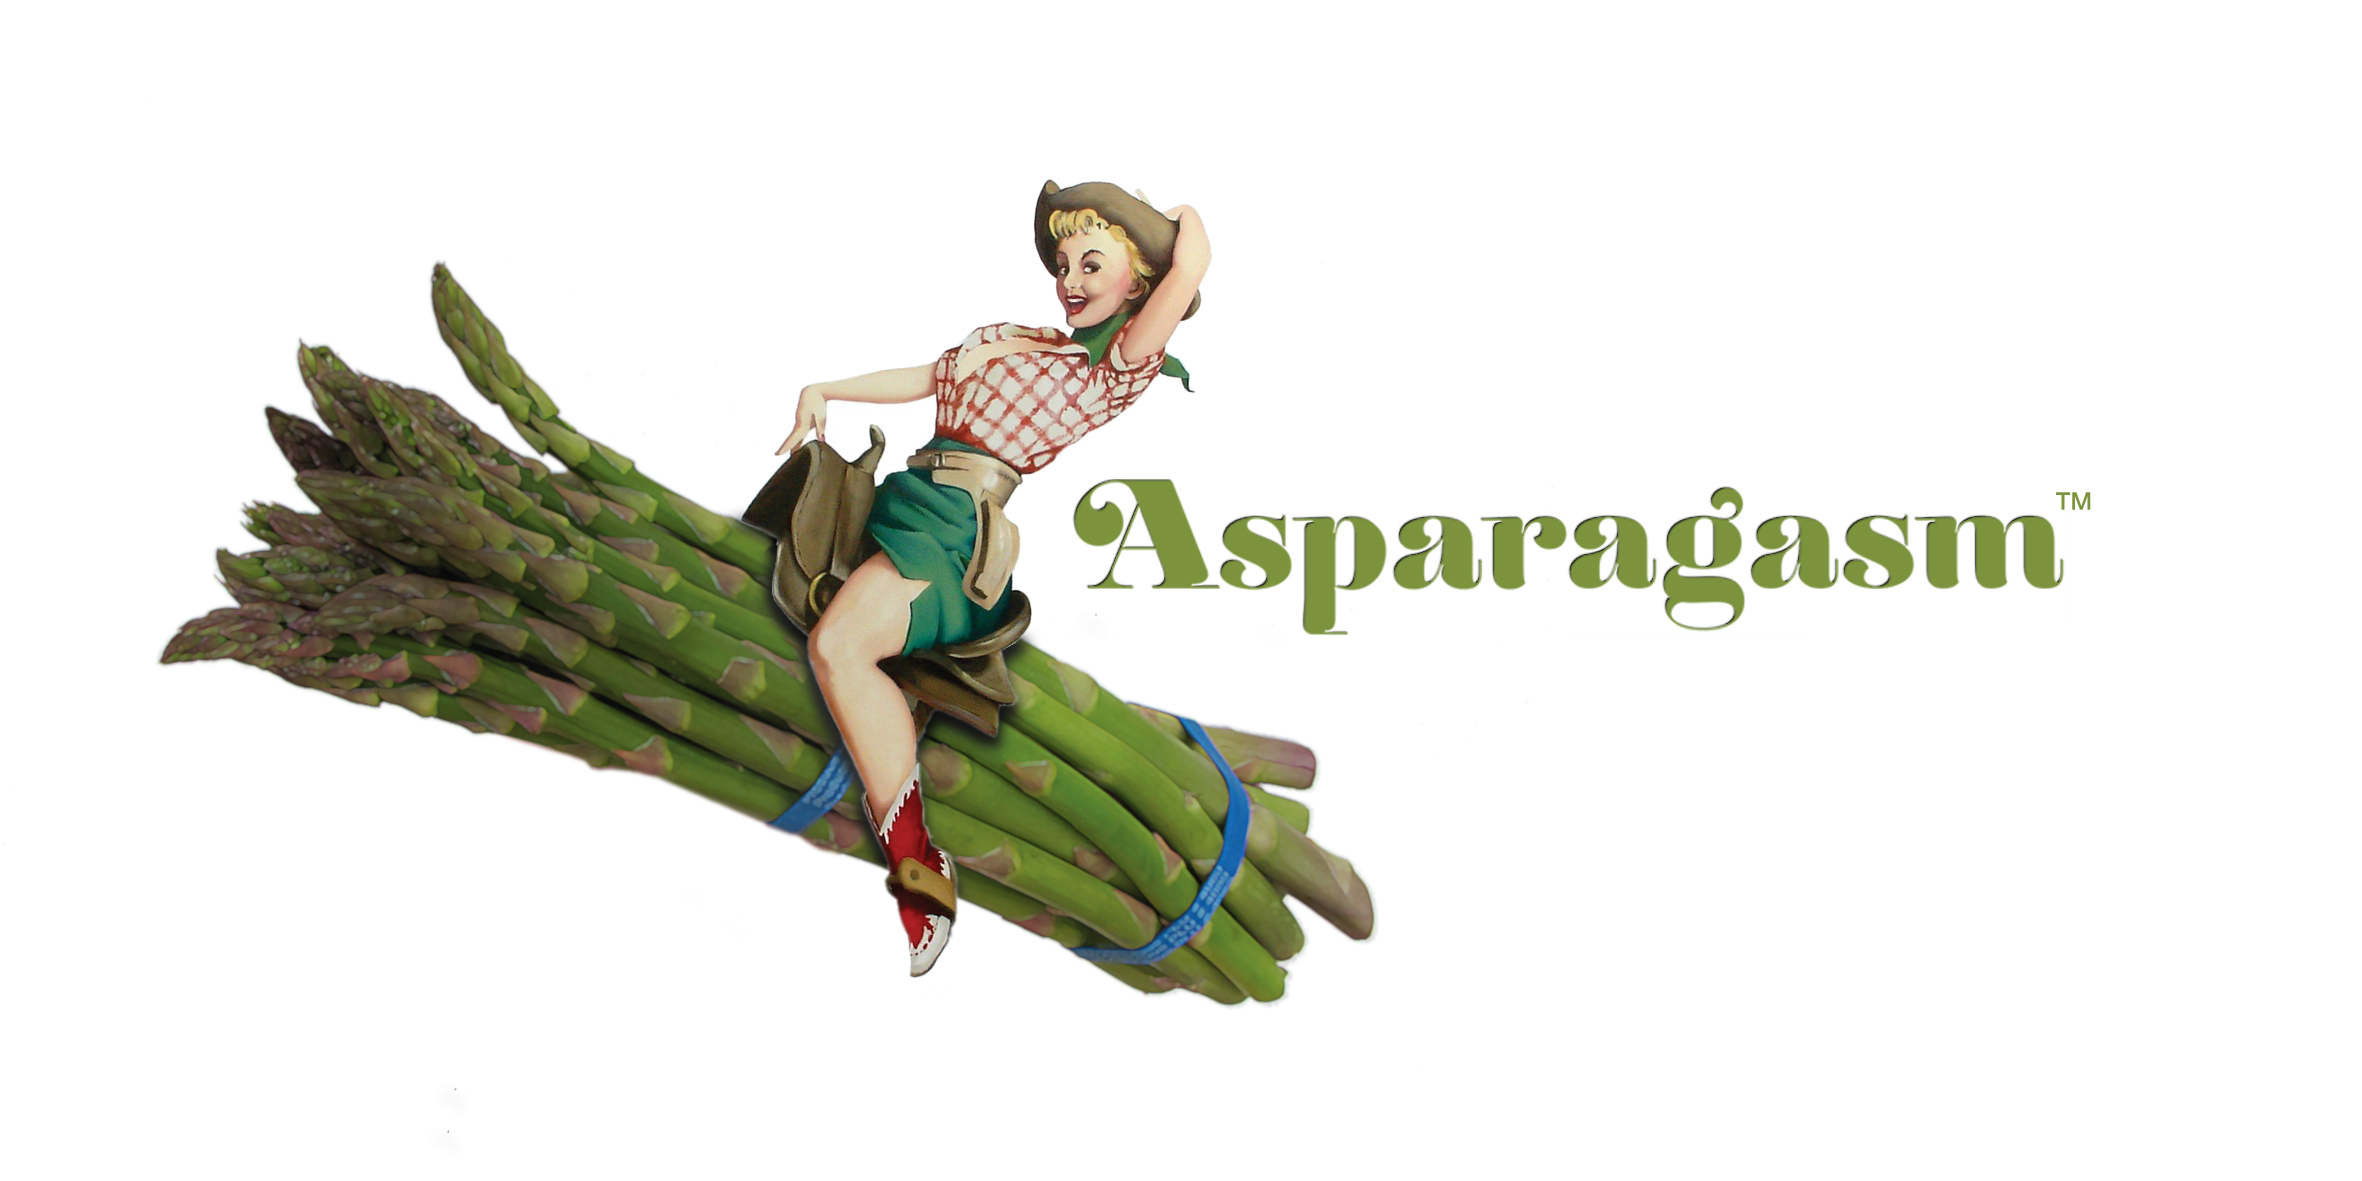 https://i0.wp.com/fatgayvegan.com/wp-content/uploads/2014/07/Asparagasm_TM-1.jpeg?fit=2362%2C1181